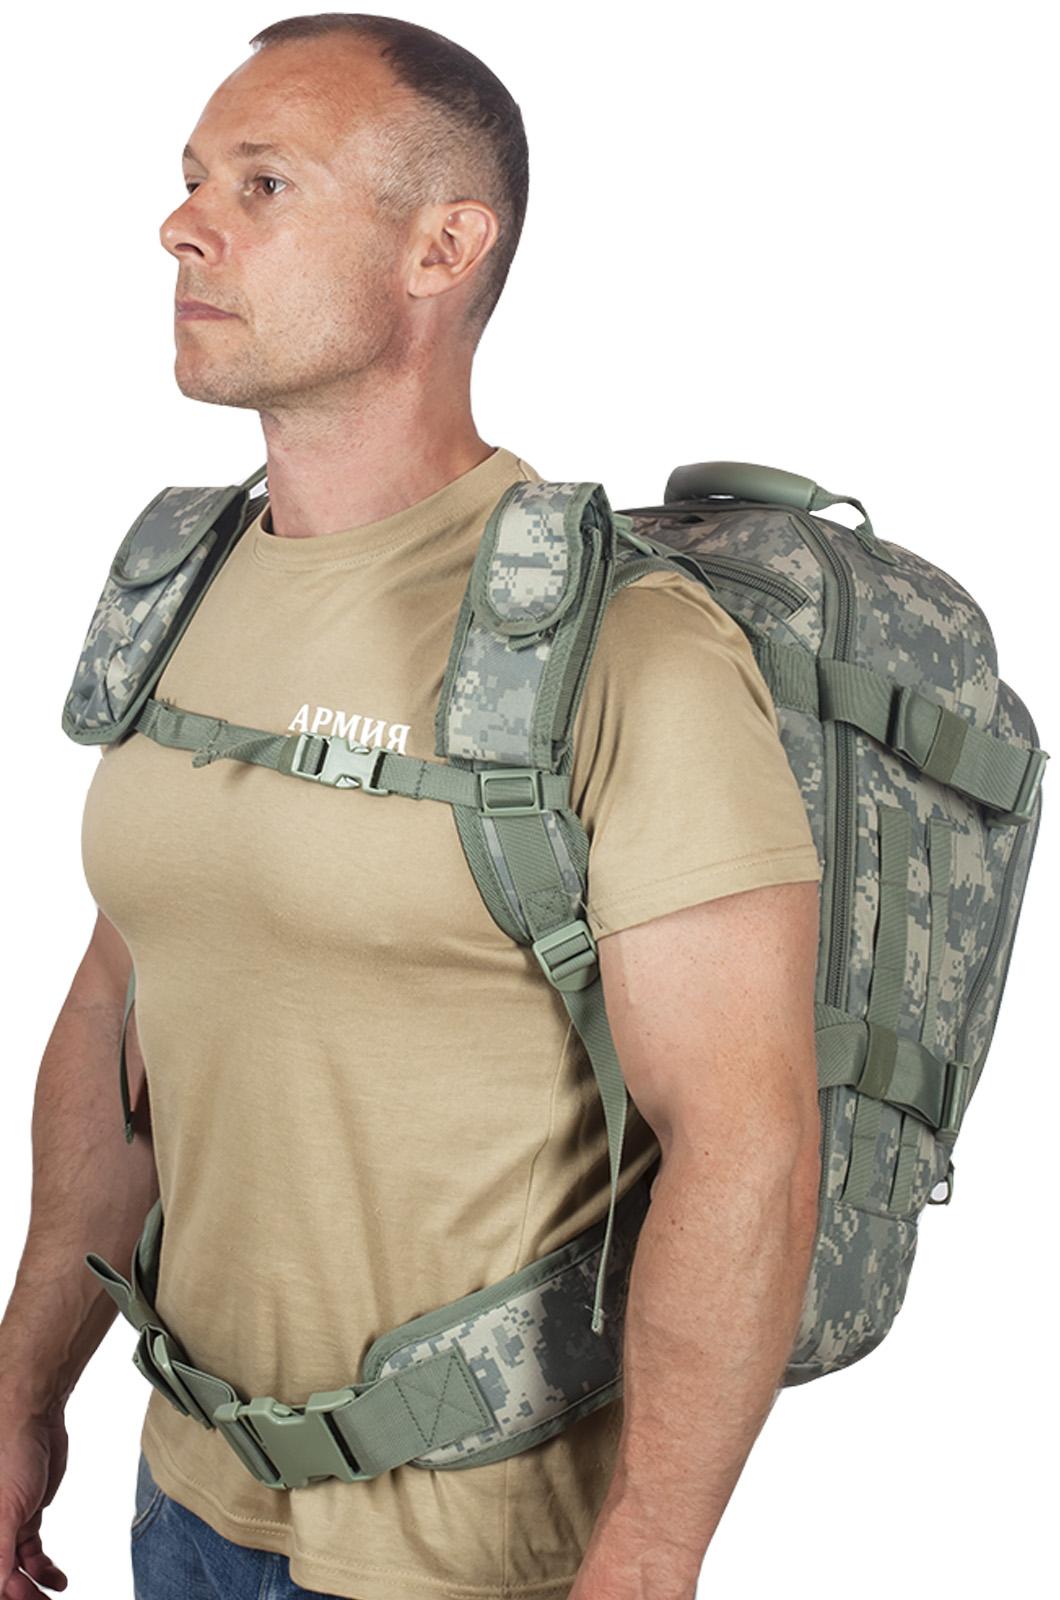 Натовский тактический рюкзак с гидратором 3-Day Expandable Backpack ACU по лучшей цене